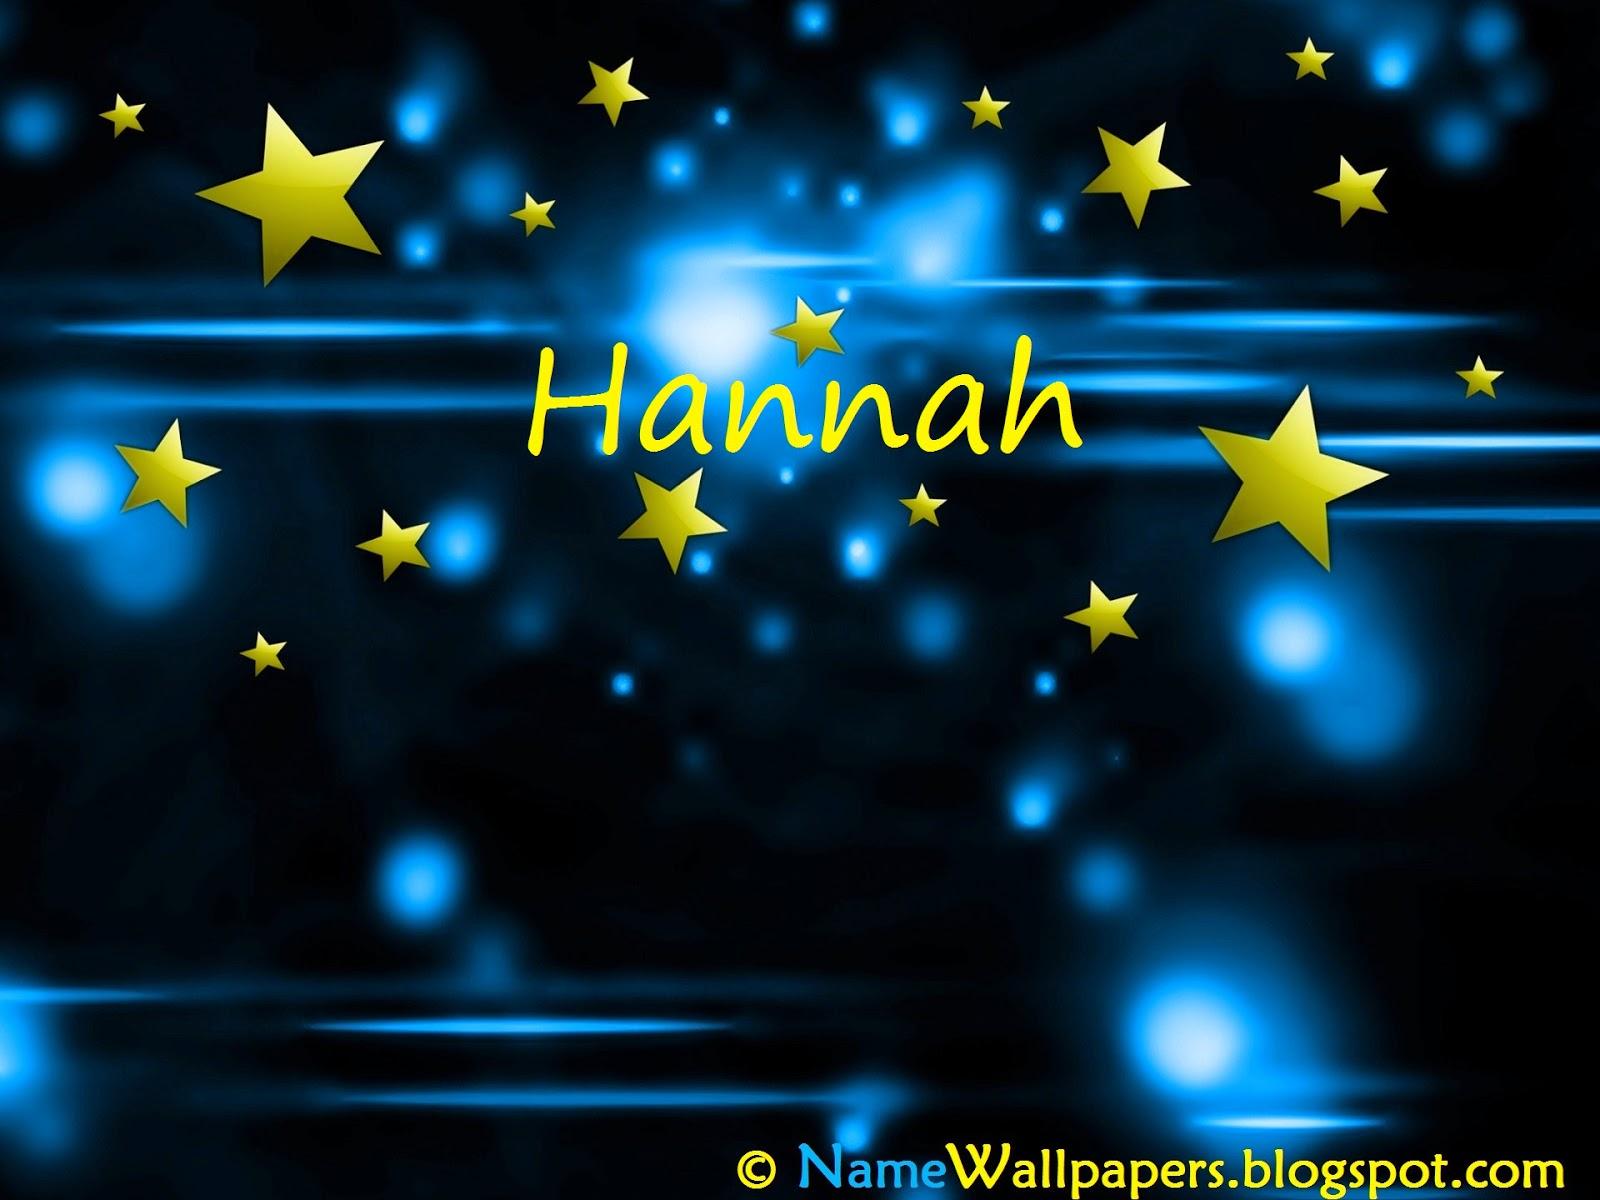 hannah name wallpapers hannah name wallpaper urdu name